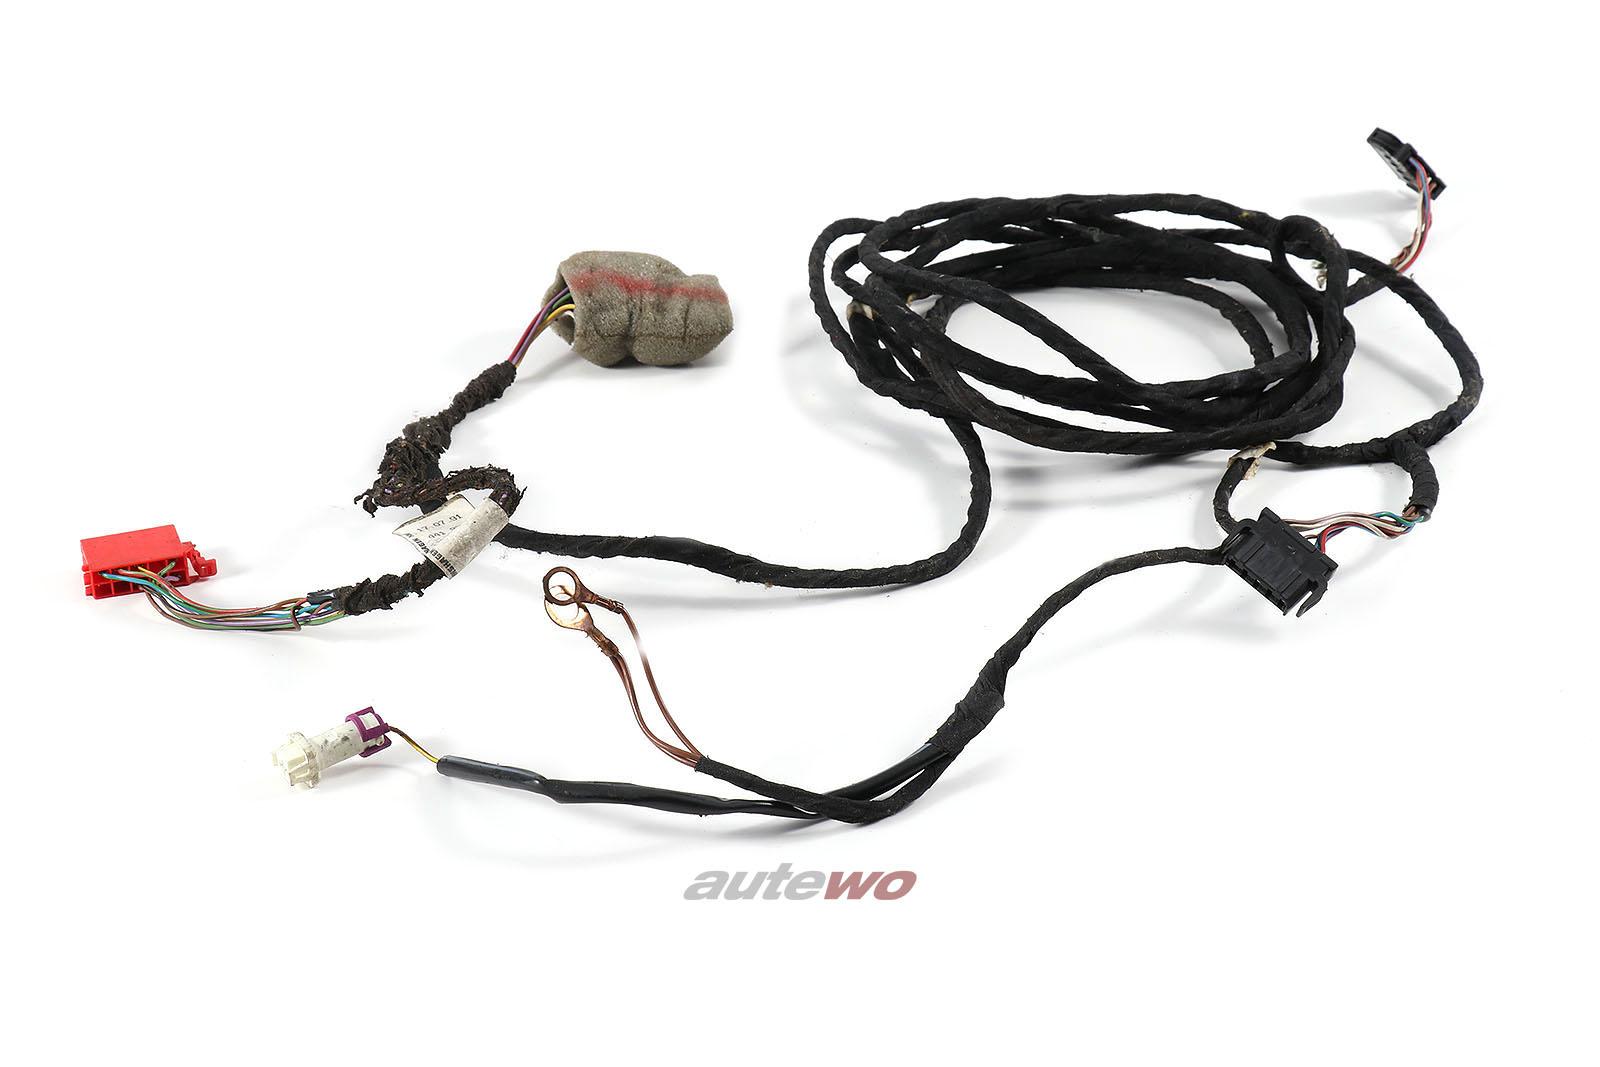 441971733AD 441971733R Audi V8 D11 Kabelbaum Aktiv-Lautsprecher (nicht BOSE!)